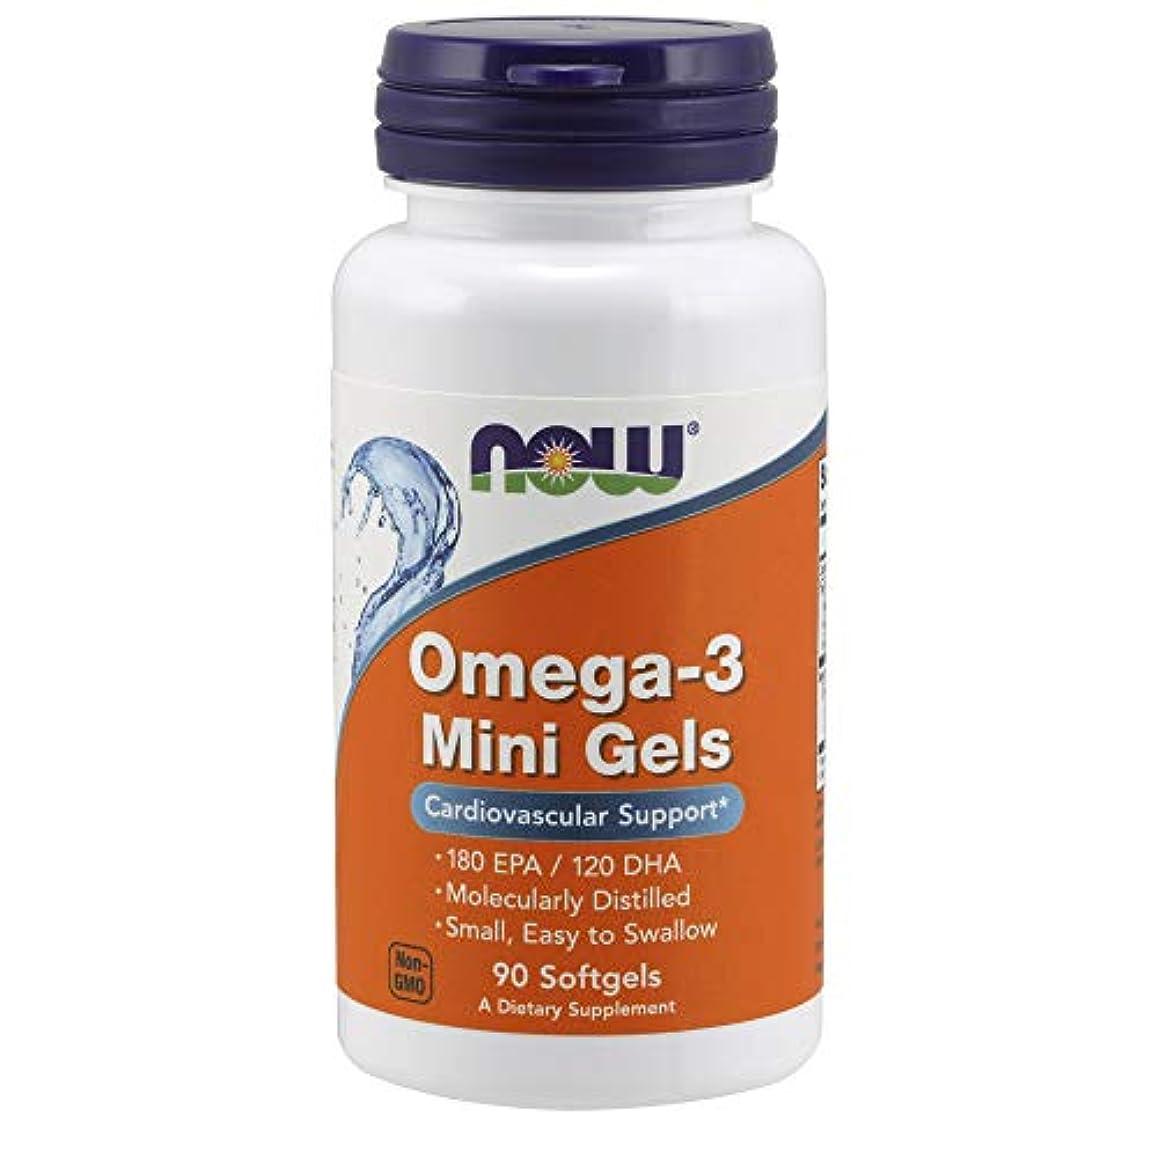 略す協会ハッチ[海外直送品] ナウフーズ   Omega-3 Mini Gels 90 softgels 500 mg